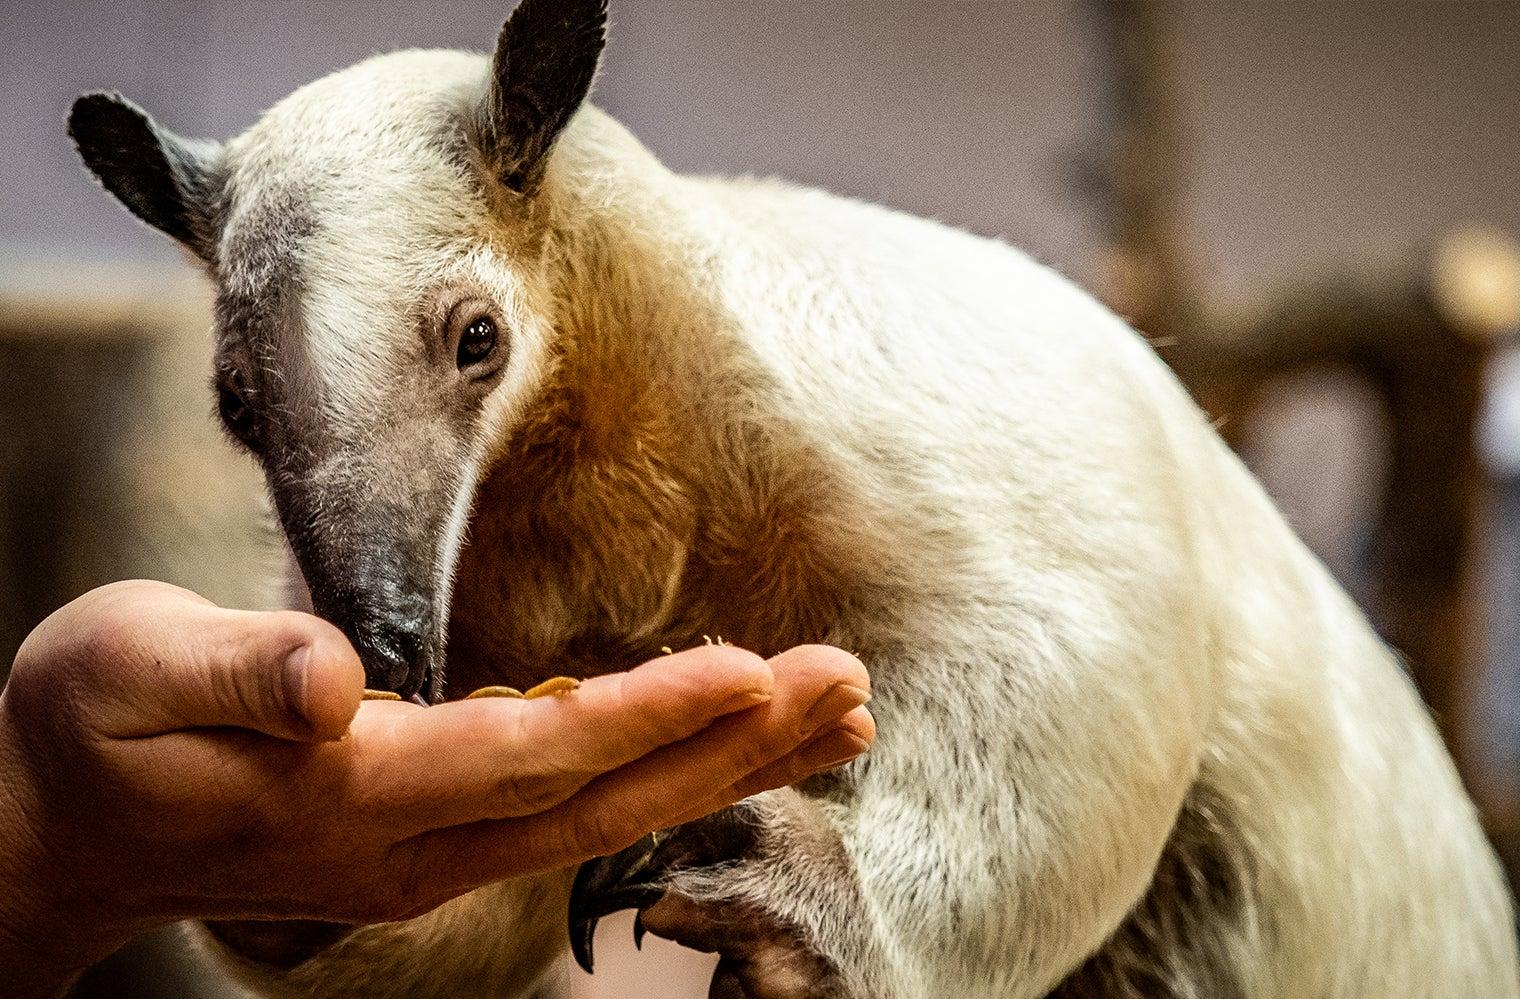 a Southern Tamandua, aka lesser aardvark, feeds from a human hand